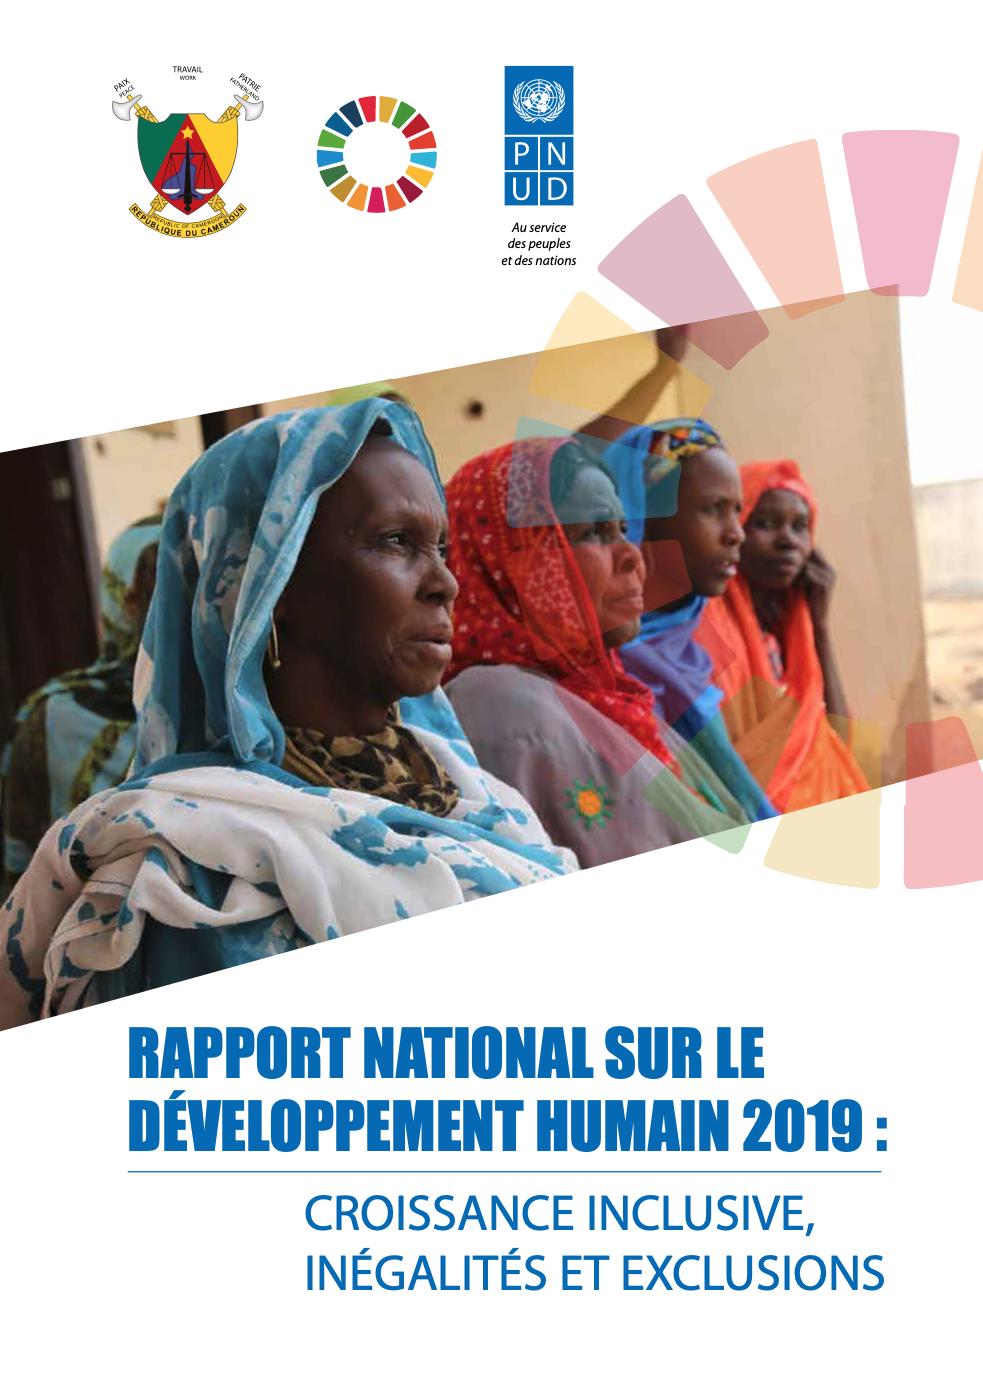 RAPPORT NATIONAL SUR LE DÉVELOPPEMENT HUMAIN 2019 : CROISSANCE INCLUSIVE, INÉGALITÉS ET EXCLUSIONS